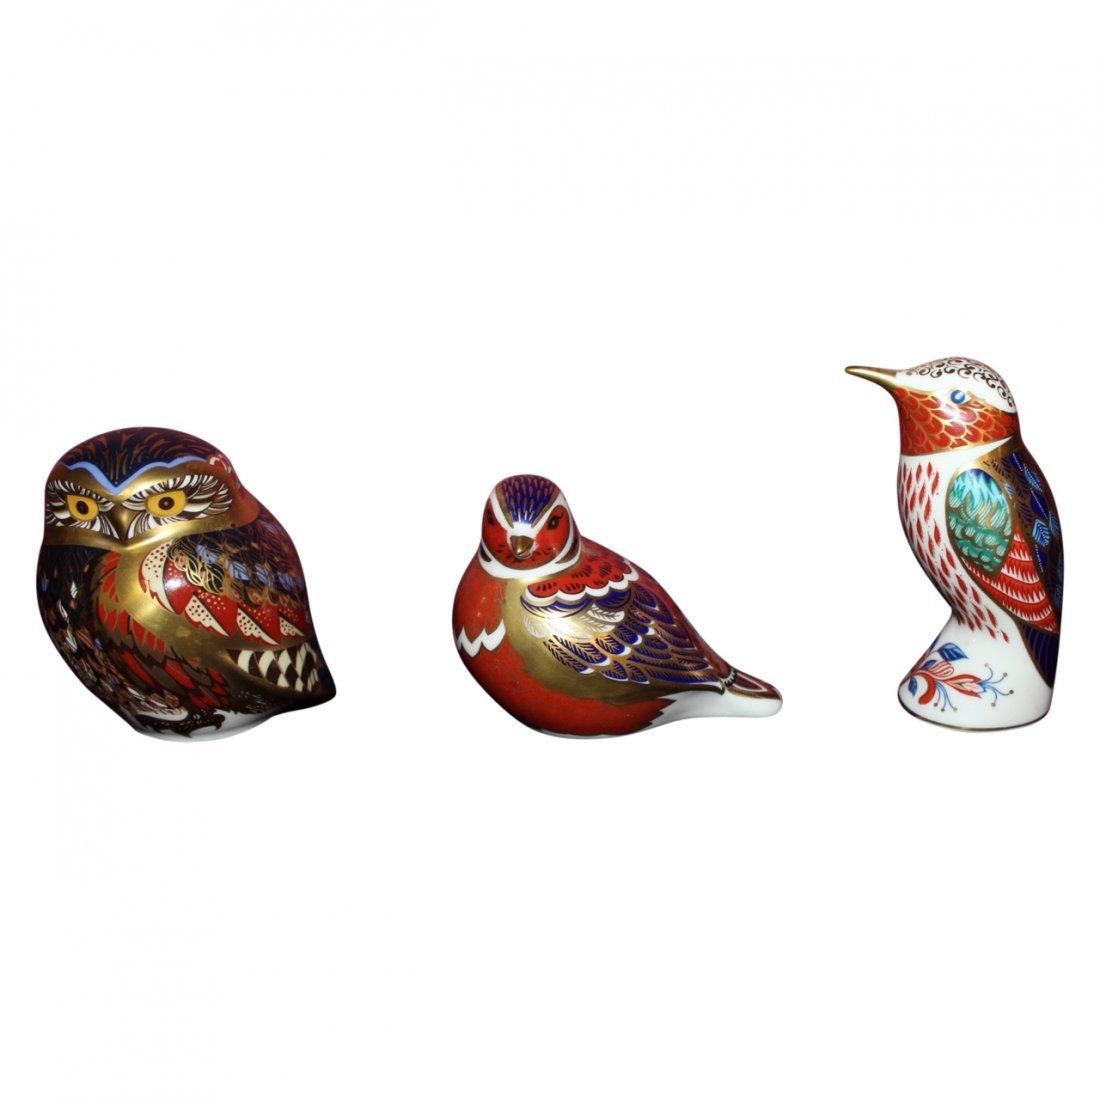 3 Royal Crown Derby Porcelain Birds